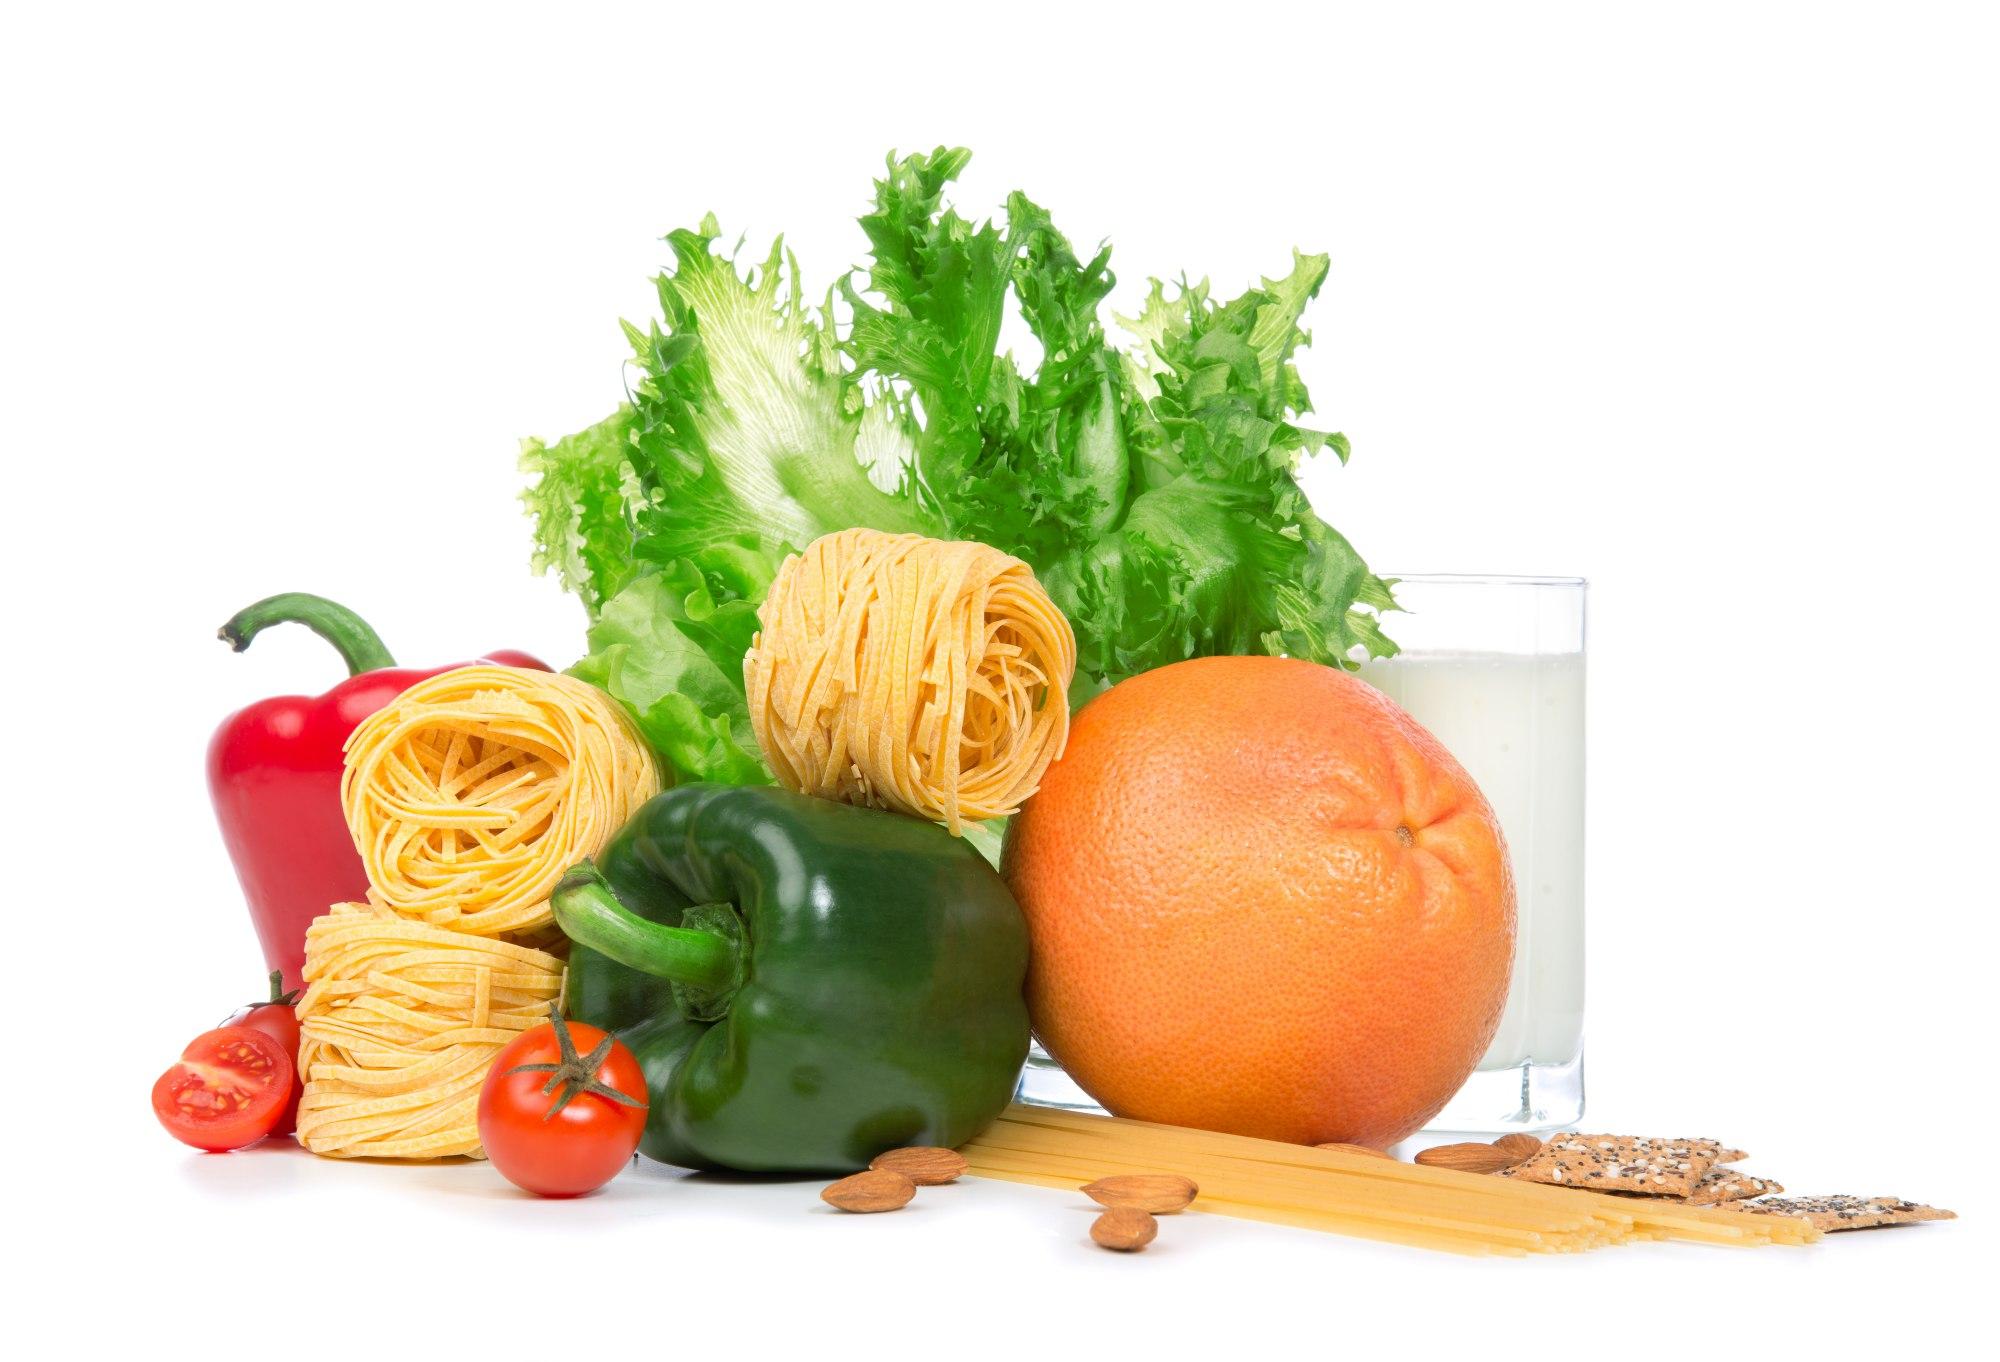 如何選購減肥健康食品?